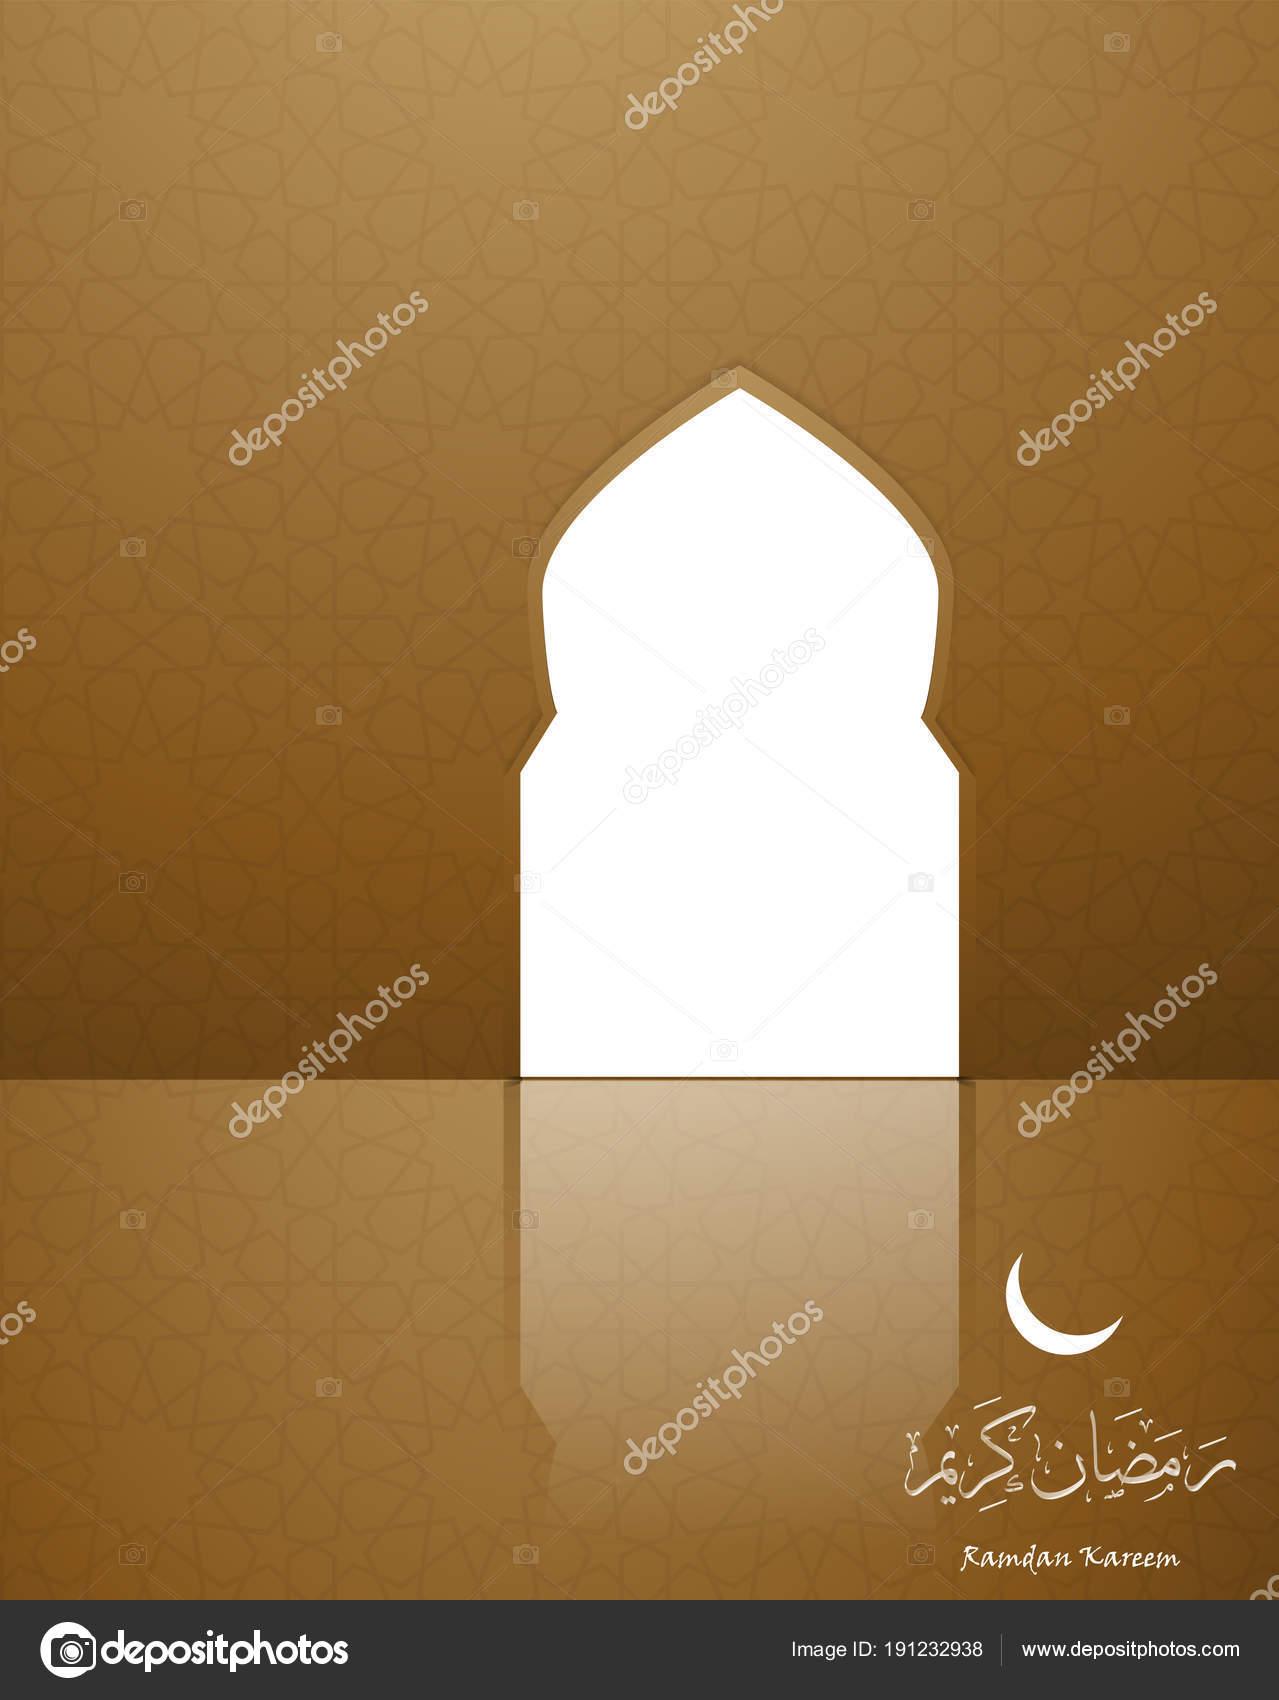 Ramadan Kareem Greeting Card Ramadan Mubarak Background Script